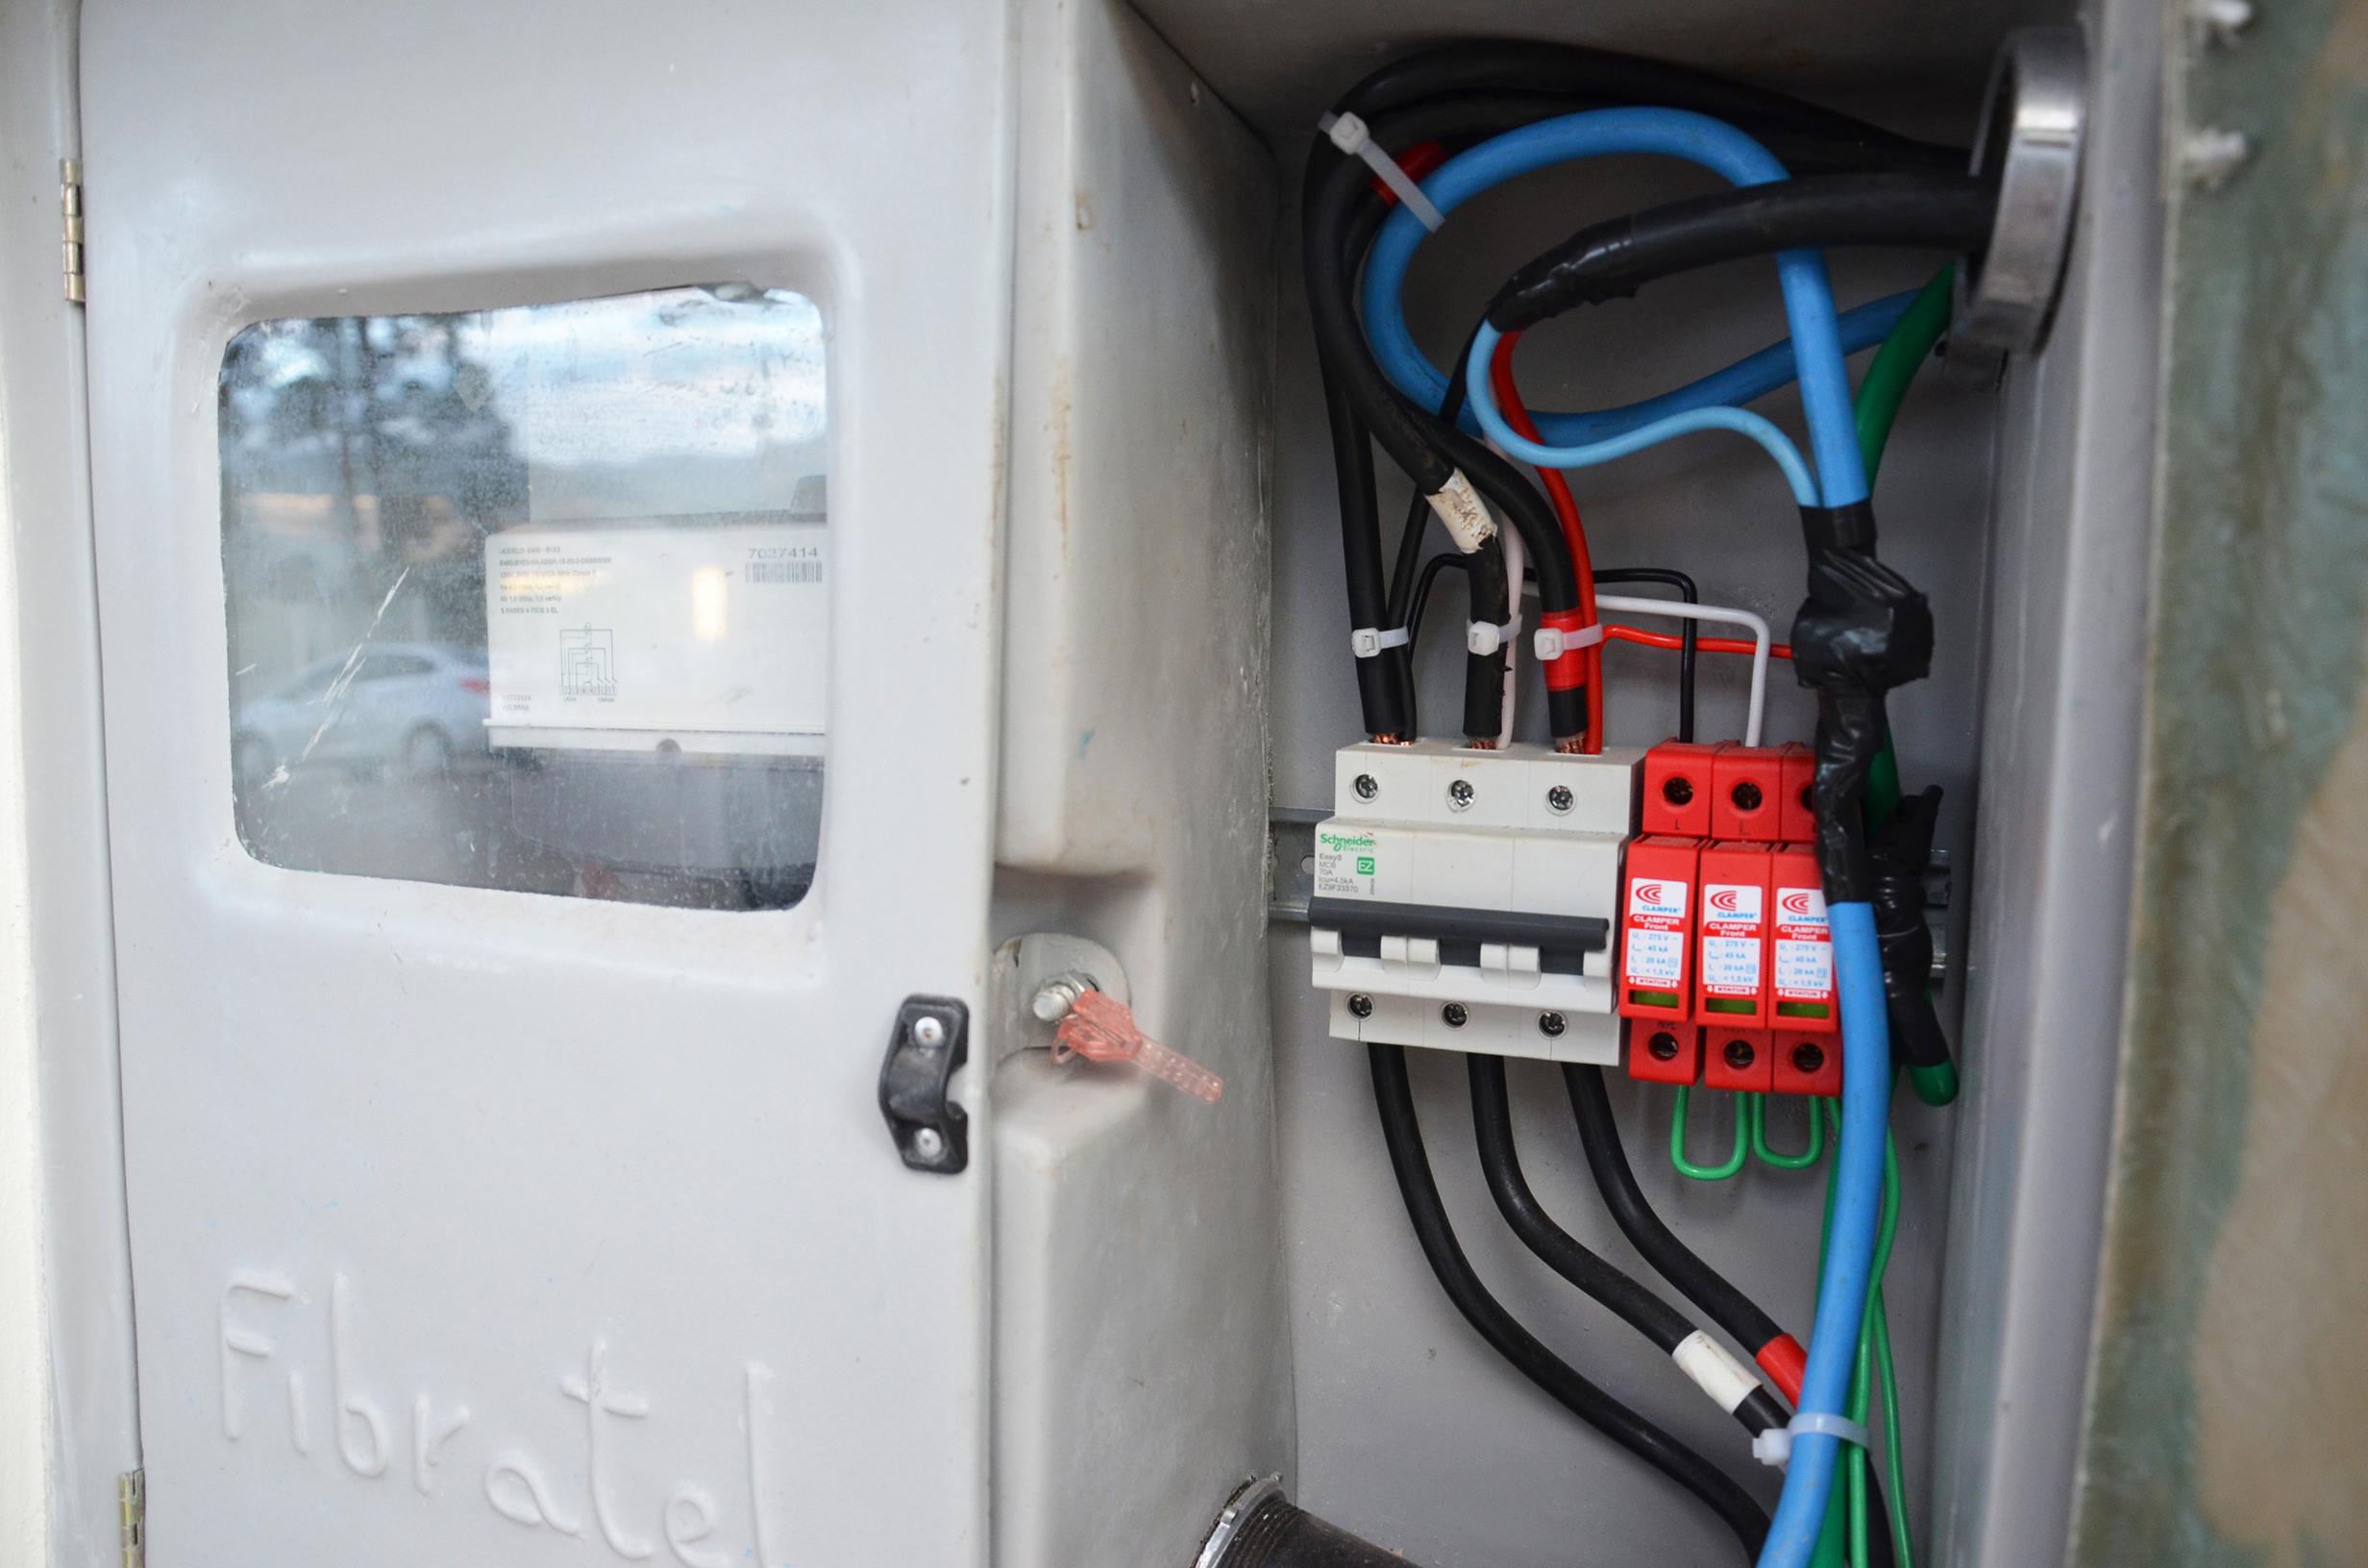 O DPS foi desenvolvido para detectar a presença de sobretensões transitórias na rede e drená-las para o sistema de aterramento antes que atinjam os equipamentos eletroeletrônicos e/ou pessoas